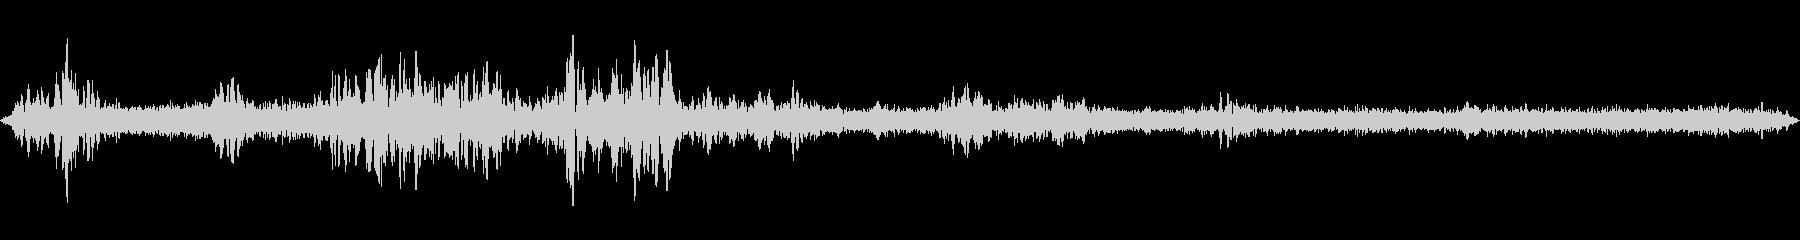 虫の声と道路の音の未再生の波形